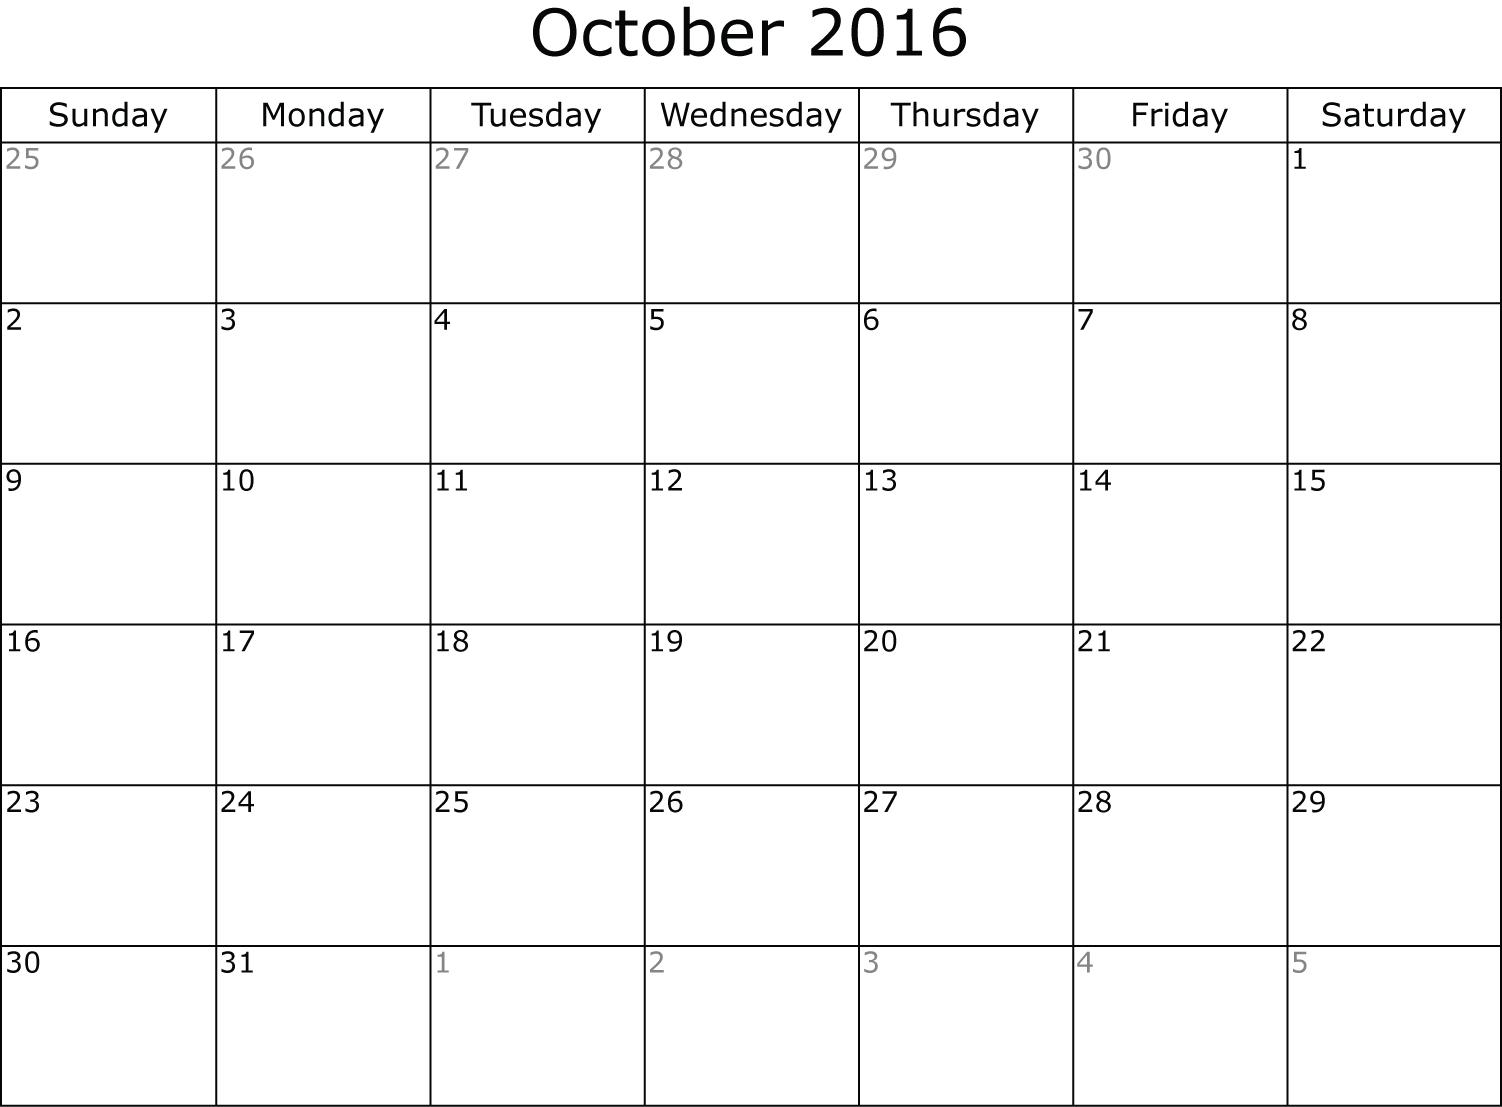 Calendar October 2016 | 2016 October Calendar | Pinterest ...